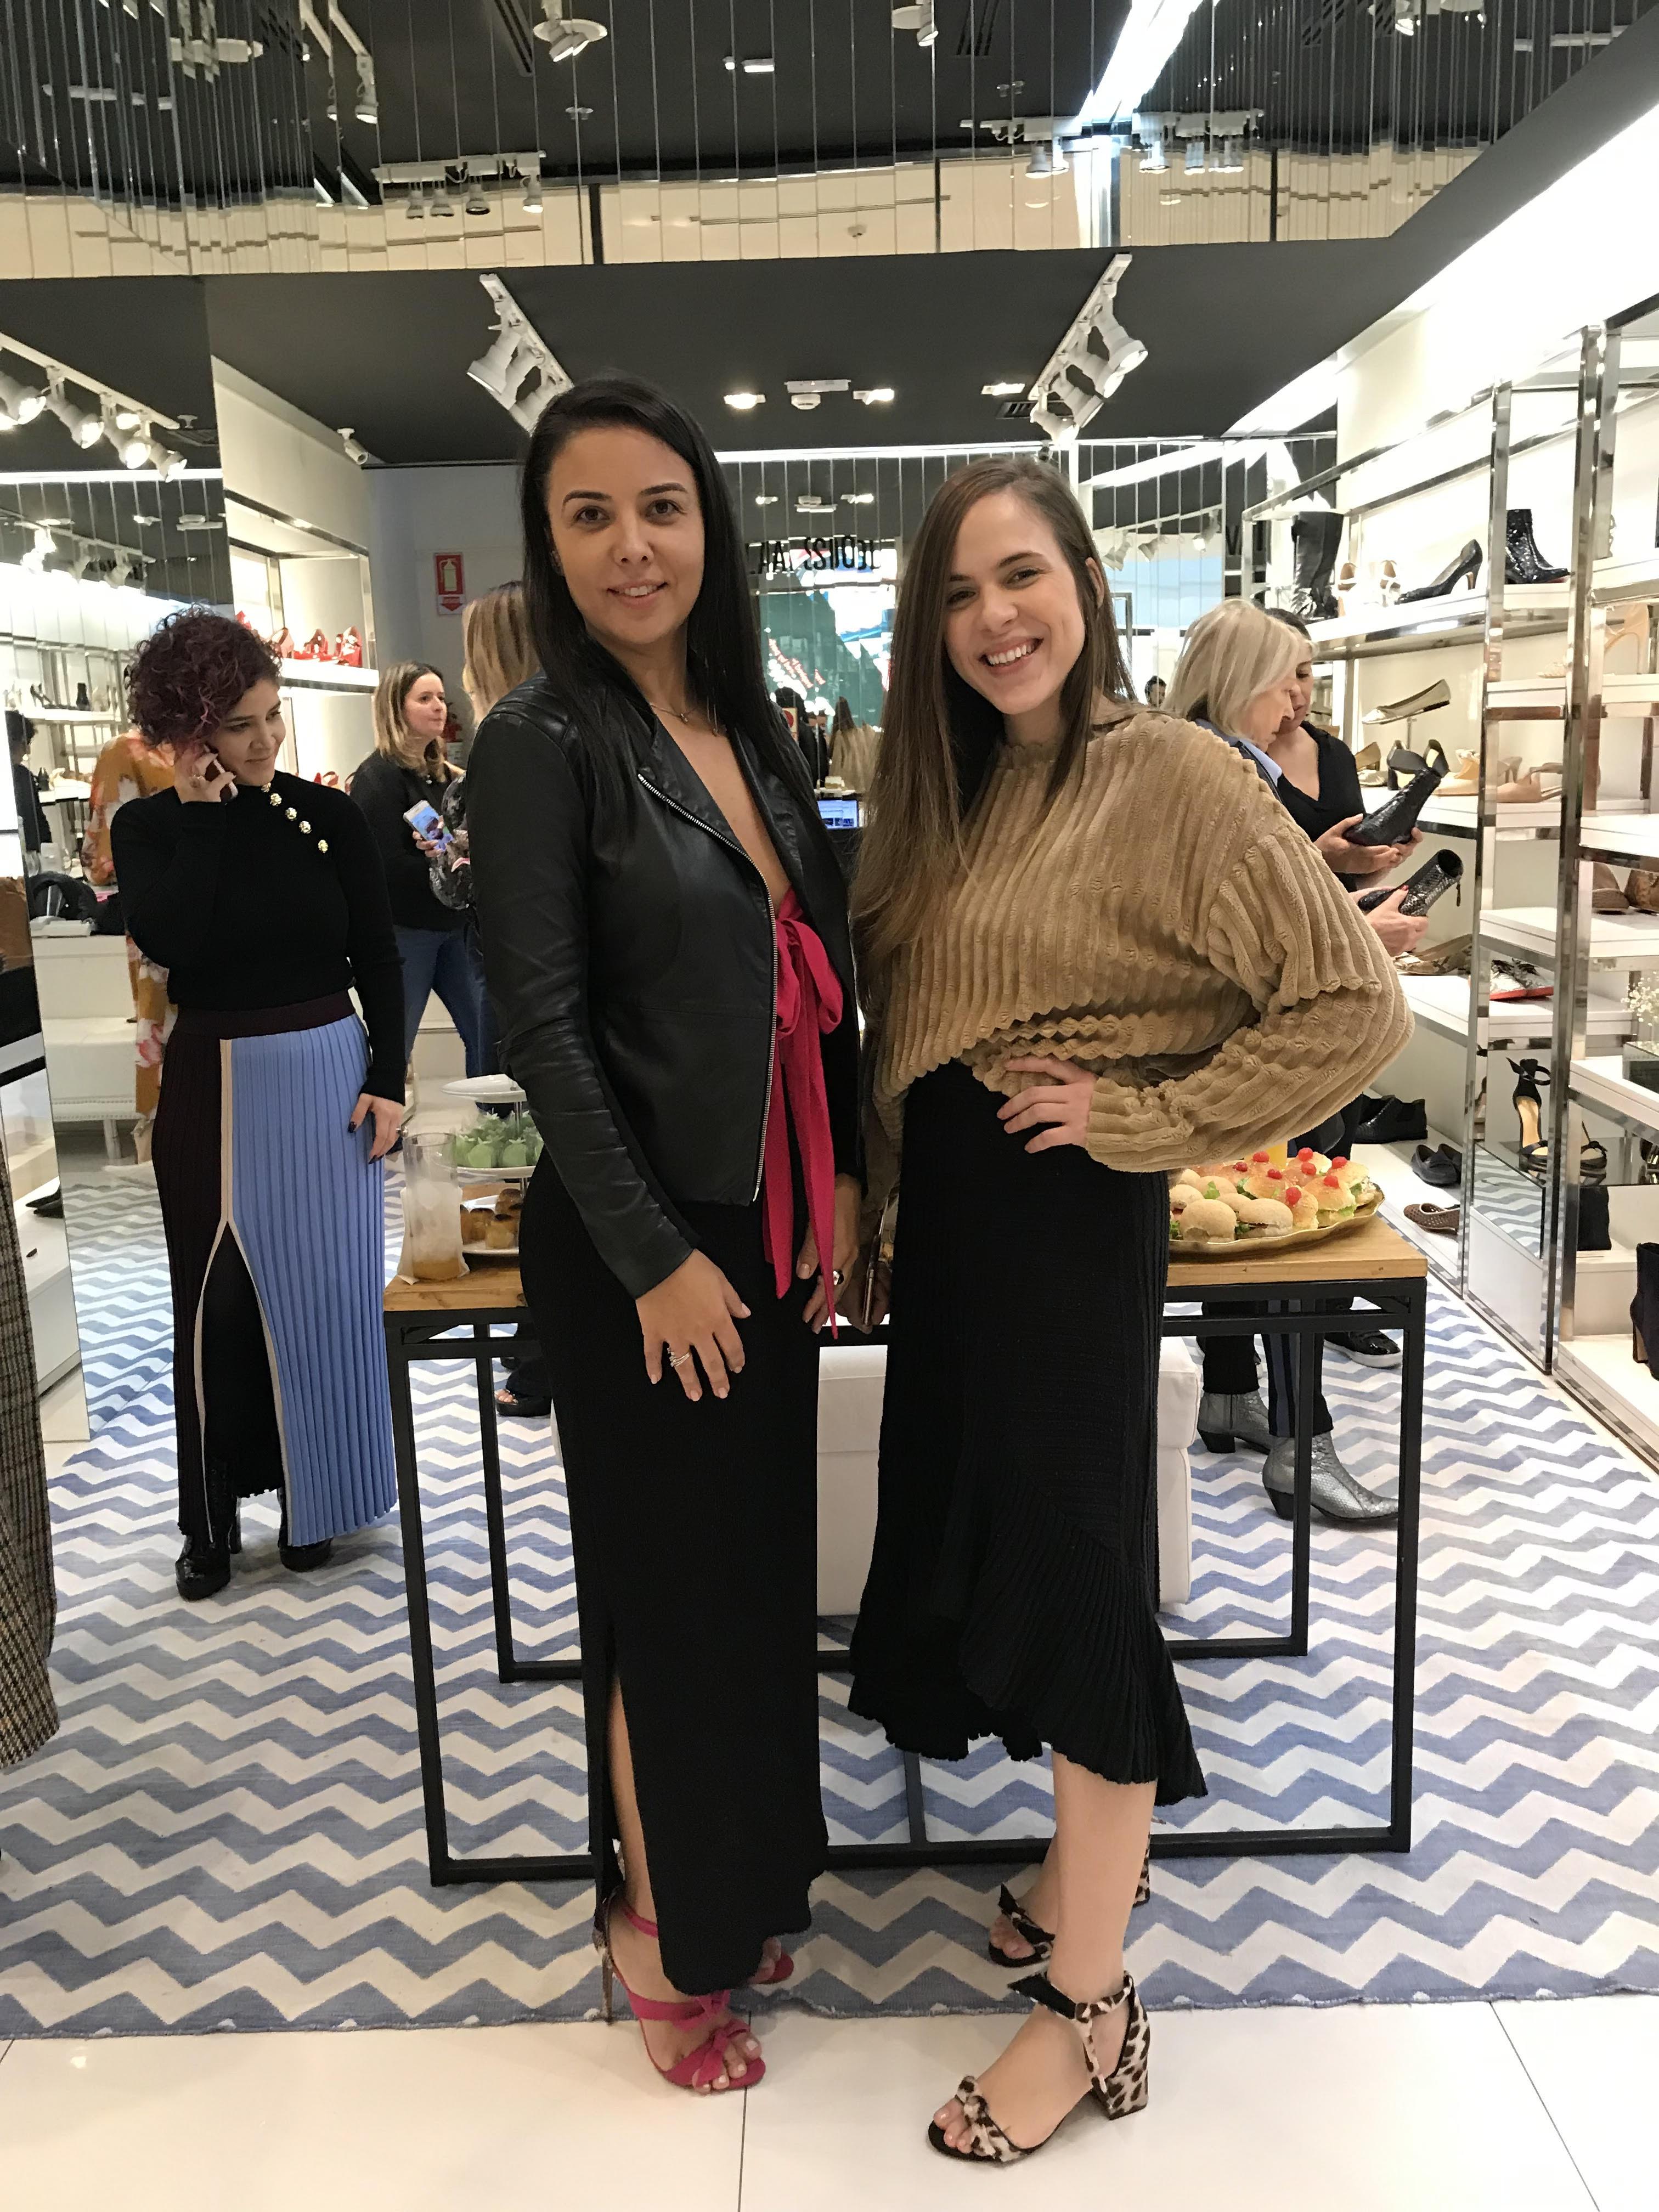 Flavia Sidoli e Maryna Saldanha receberam  convidados para o evento das Claritas, de Alexandre Birman.